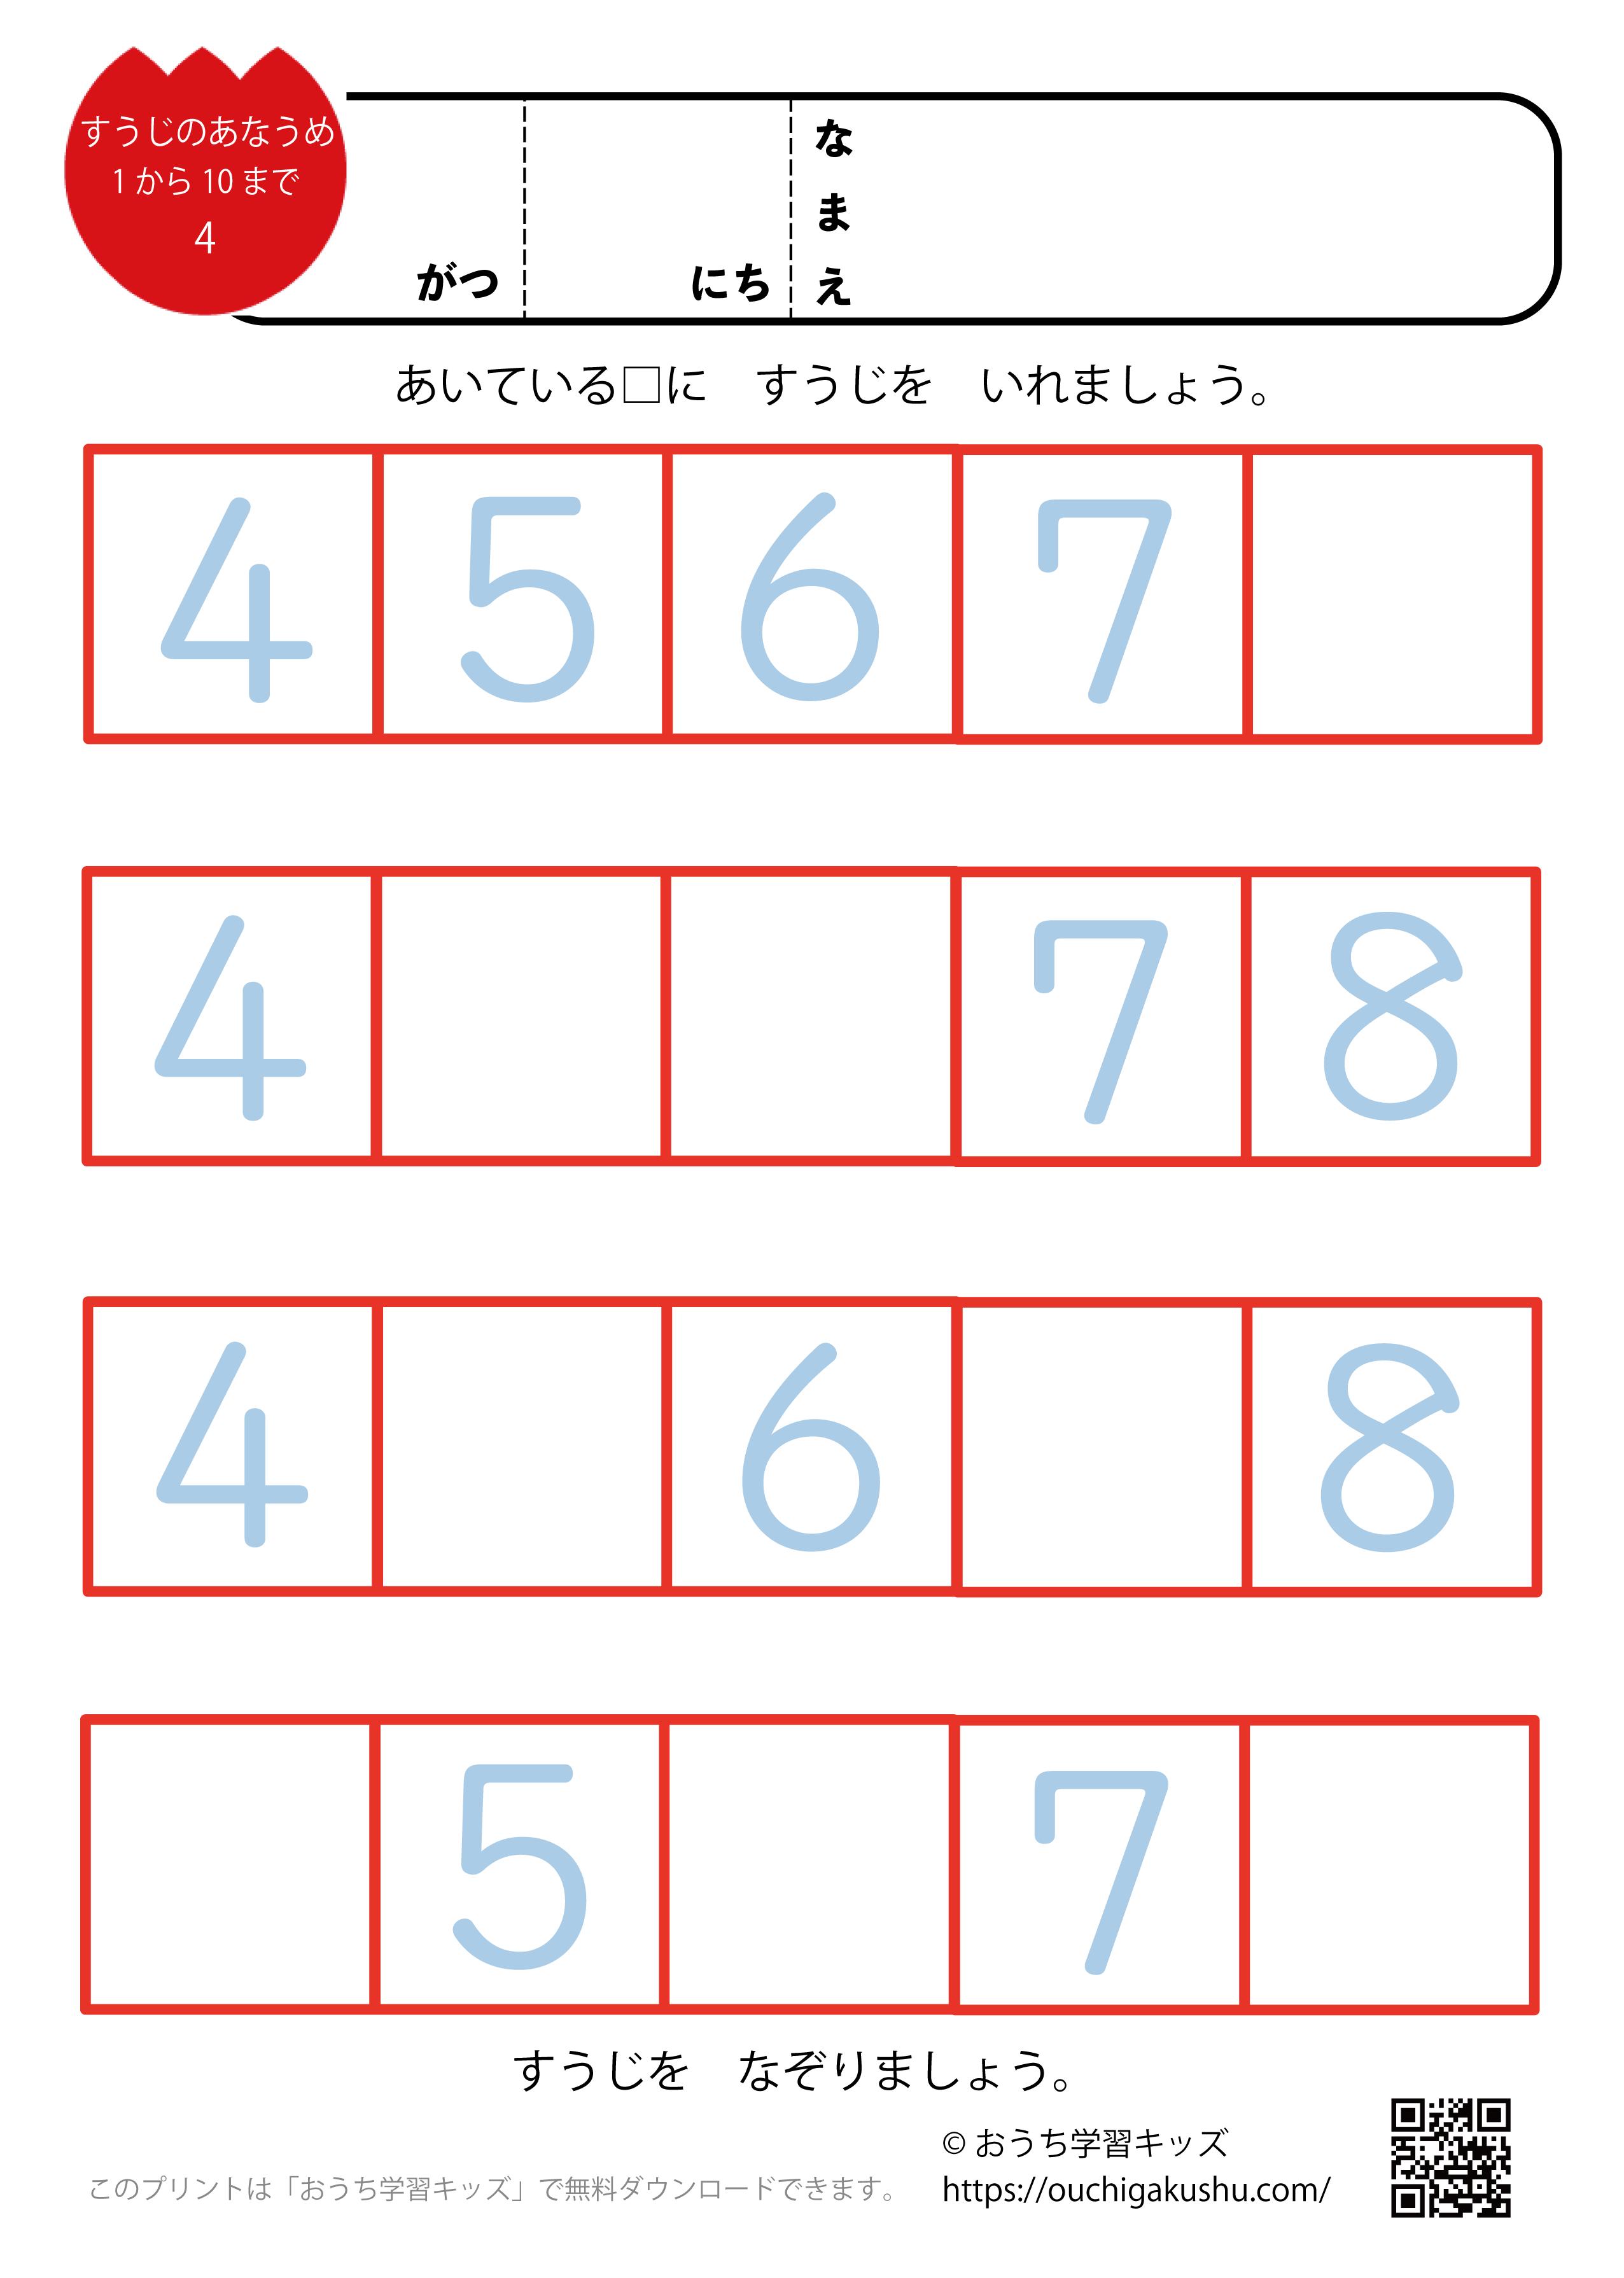 数字の穴埋め問題(1から10まで )4